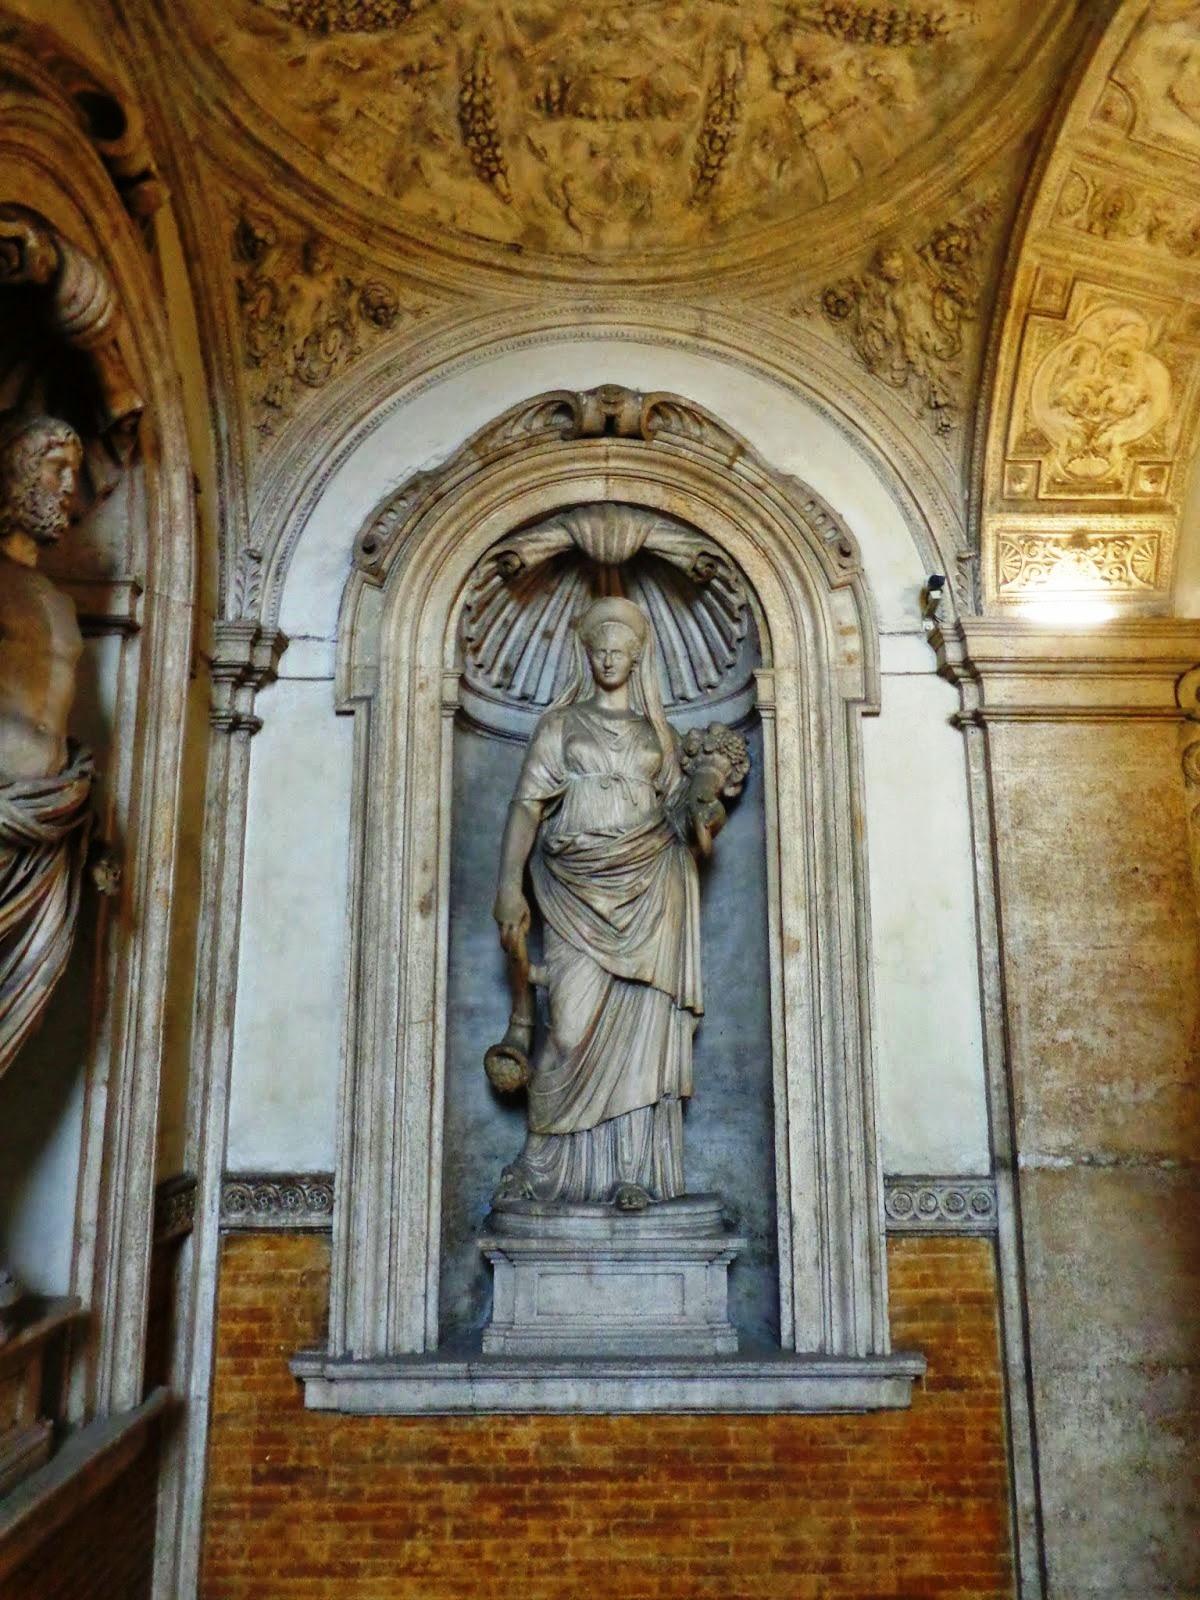 Escultura da deusa da agricultura, Deméter (Ceres) portando os cornos da abundância.